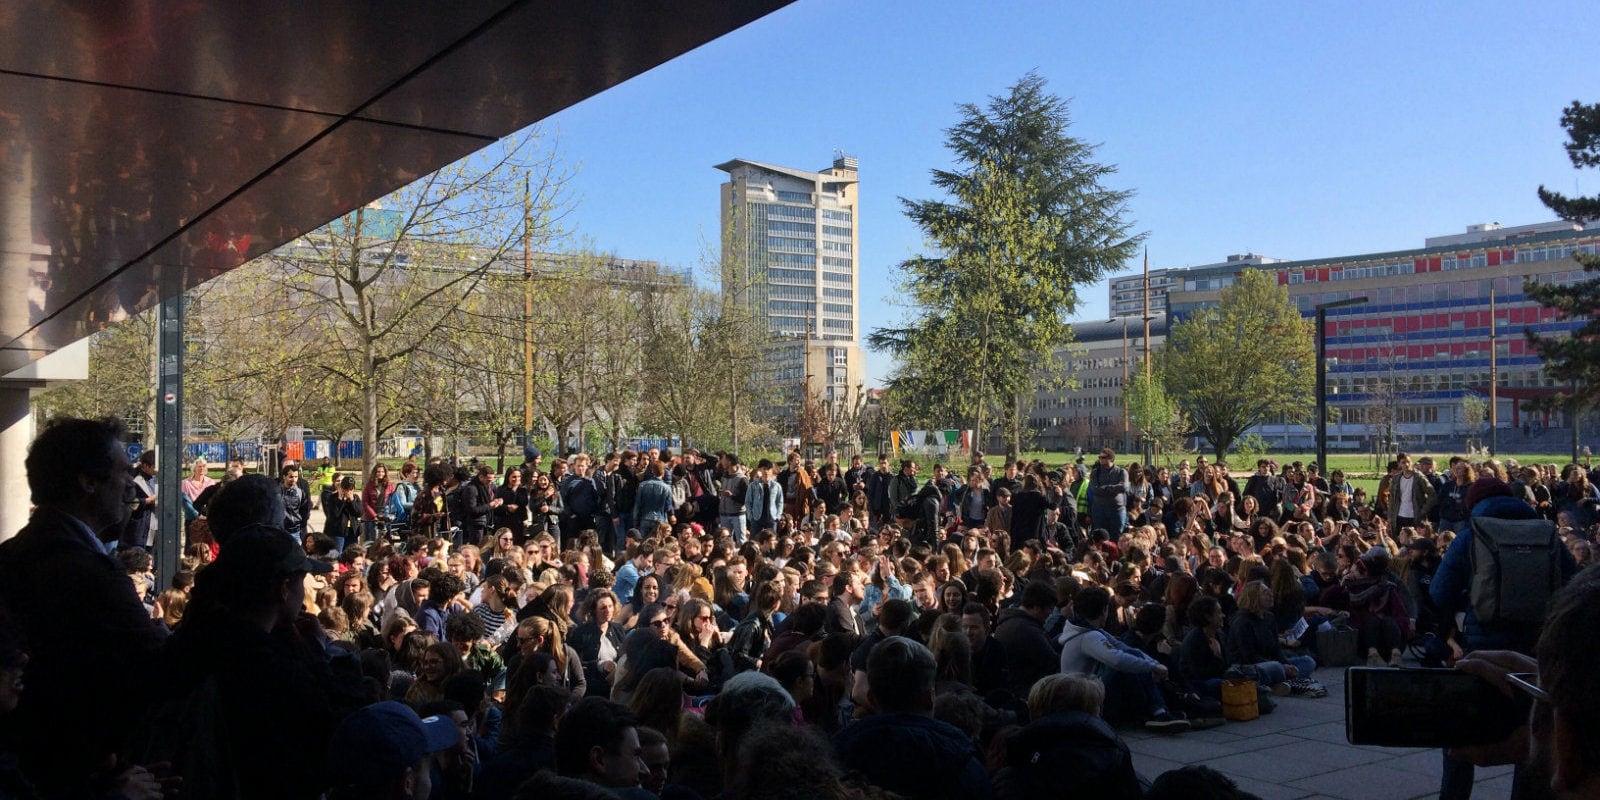 Le déblocage de l'Université voté en Assemblée générale étudiante